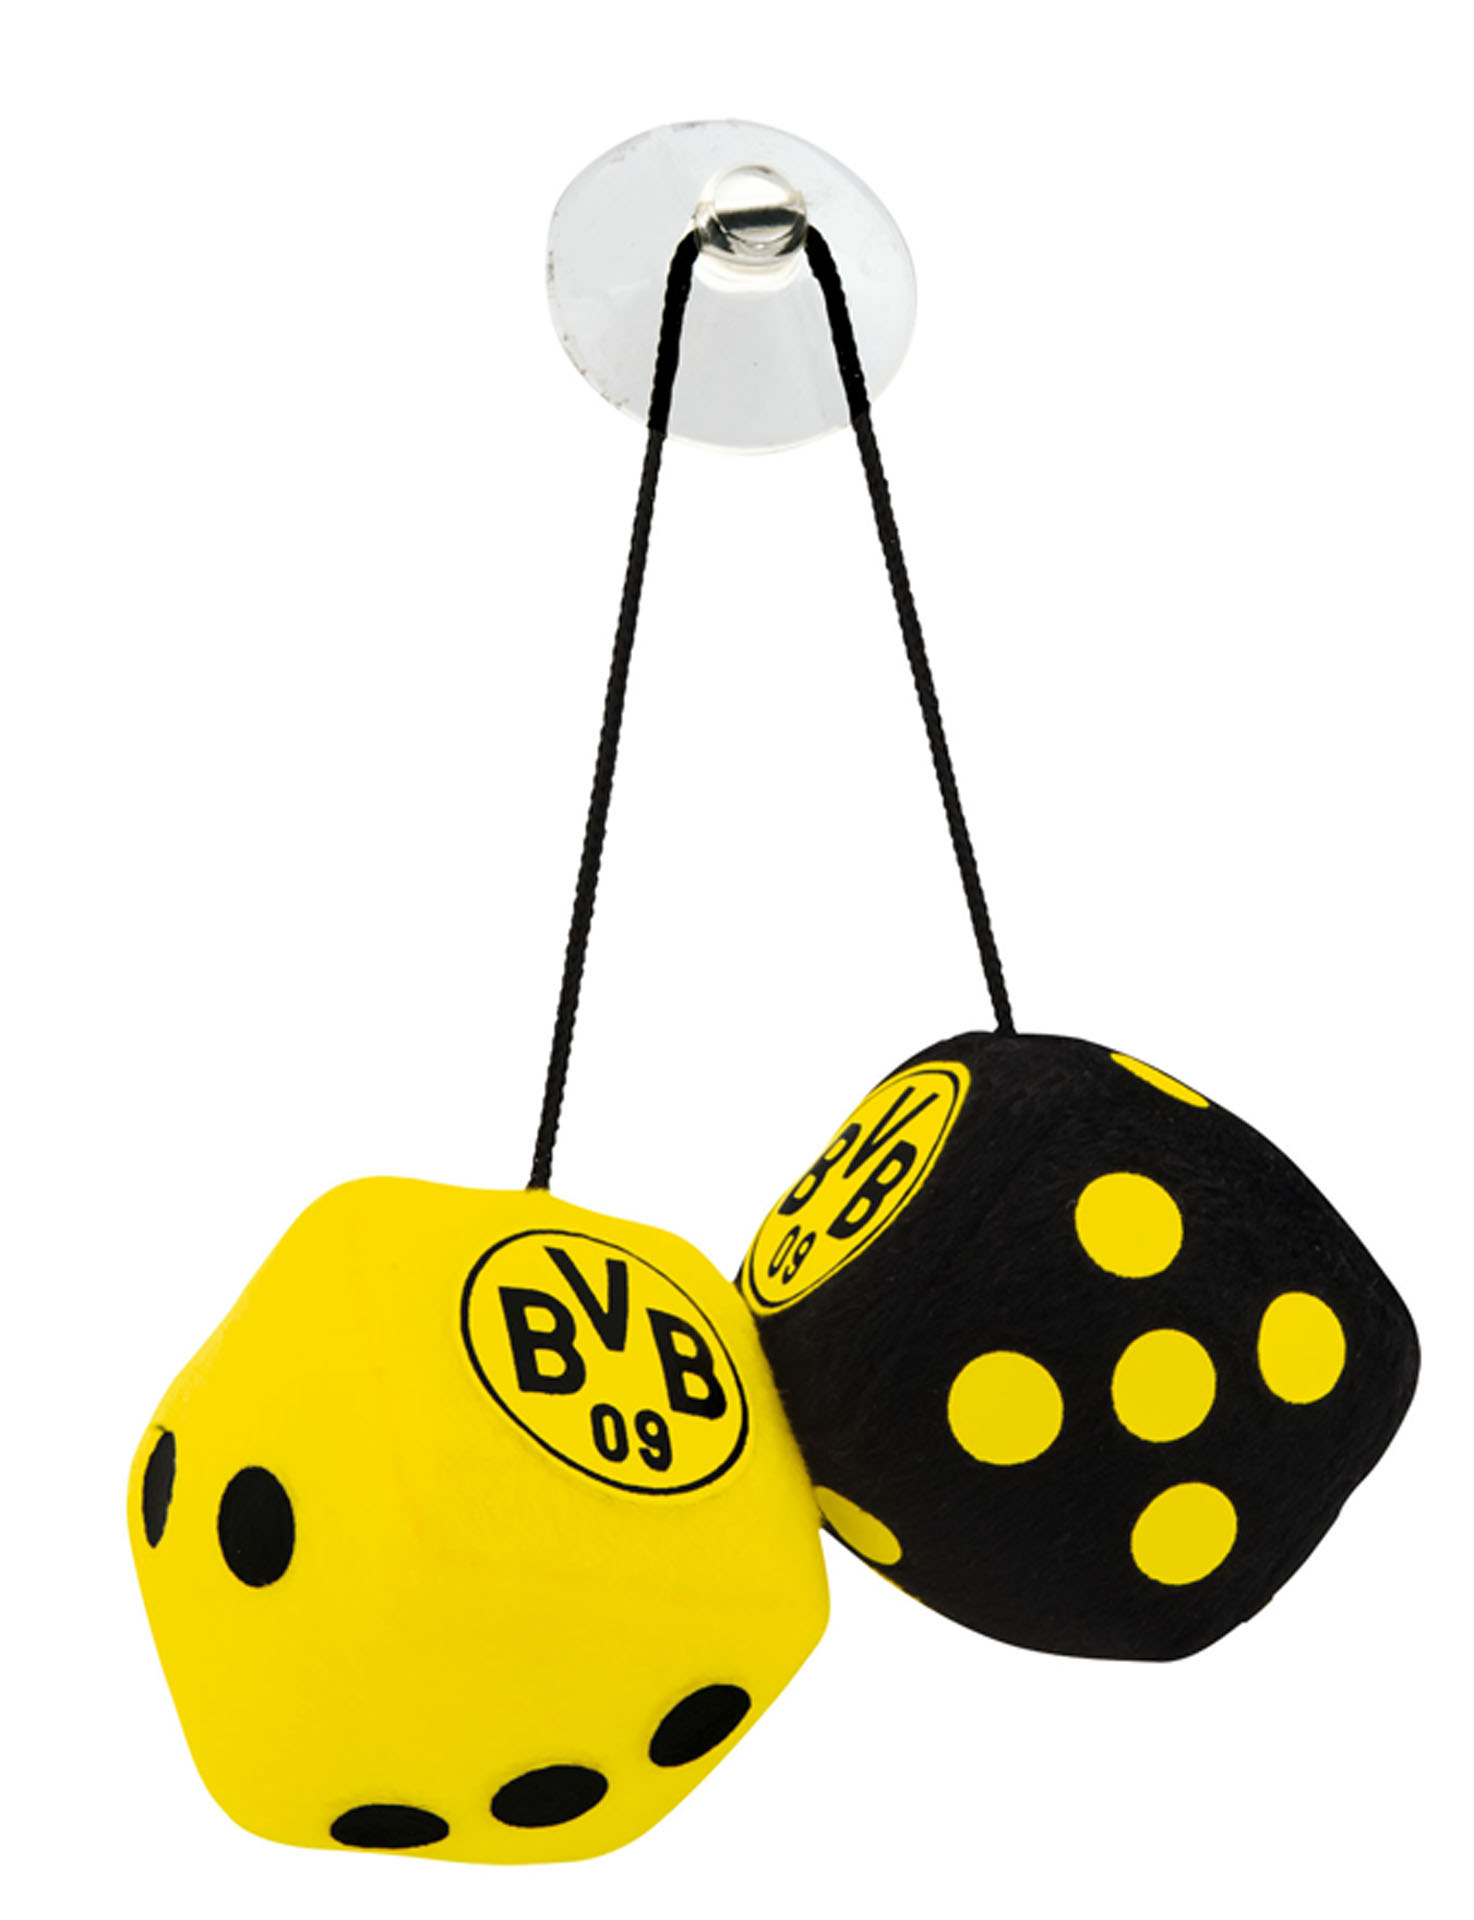 BVB Autowürfel Borussia Dortmund